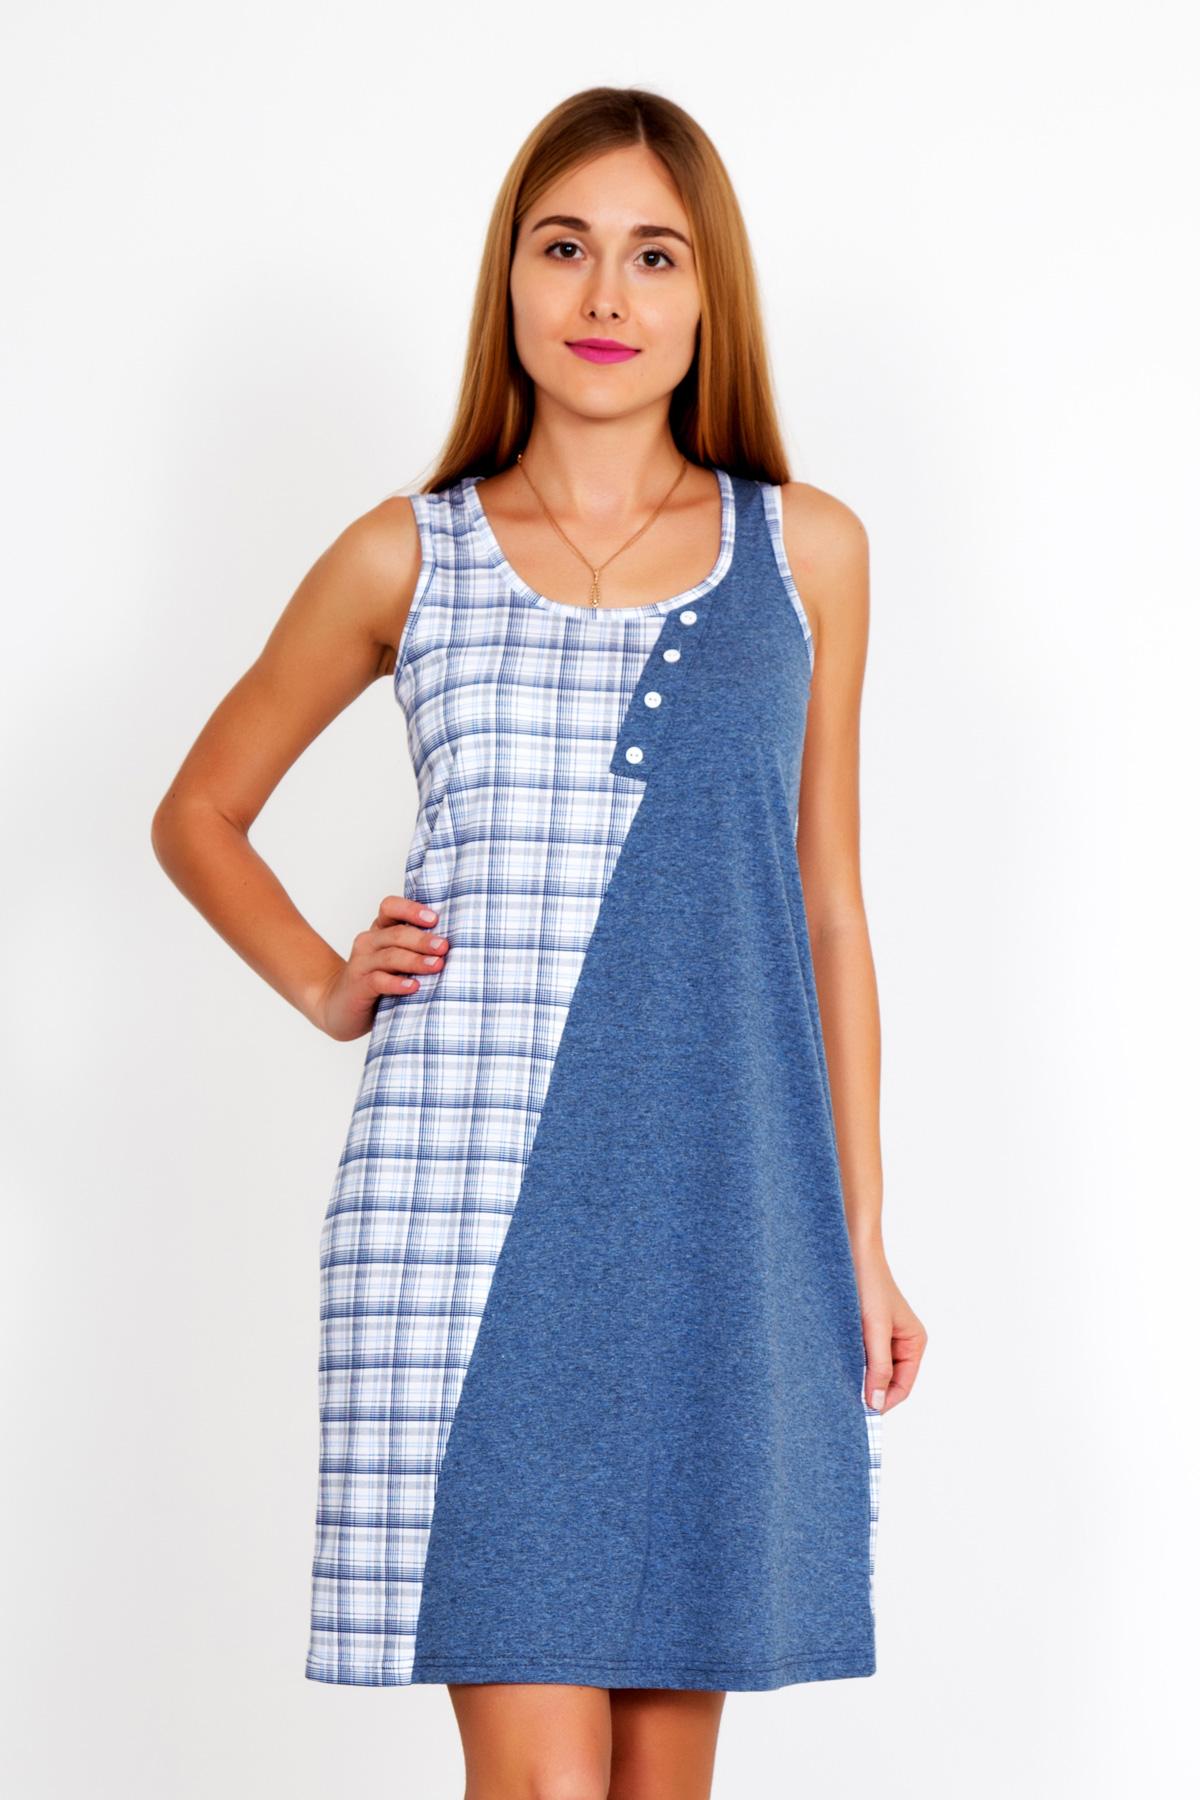 Жен. платье Лада р. 56Платья<br>Факт. ОГ: 108 см <br>Факт. ОТ: 110 см <br>Факт. ОБ: 120 см <br>Длина по спинке: 101 см<br><br>Тип: Жен. платье<br>Размер: 56<br>Материал: Кулирка